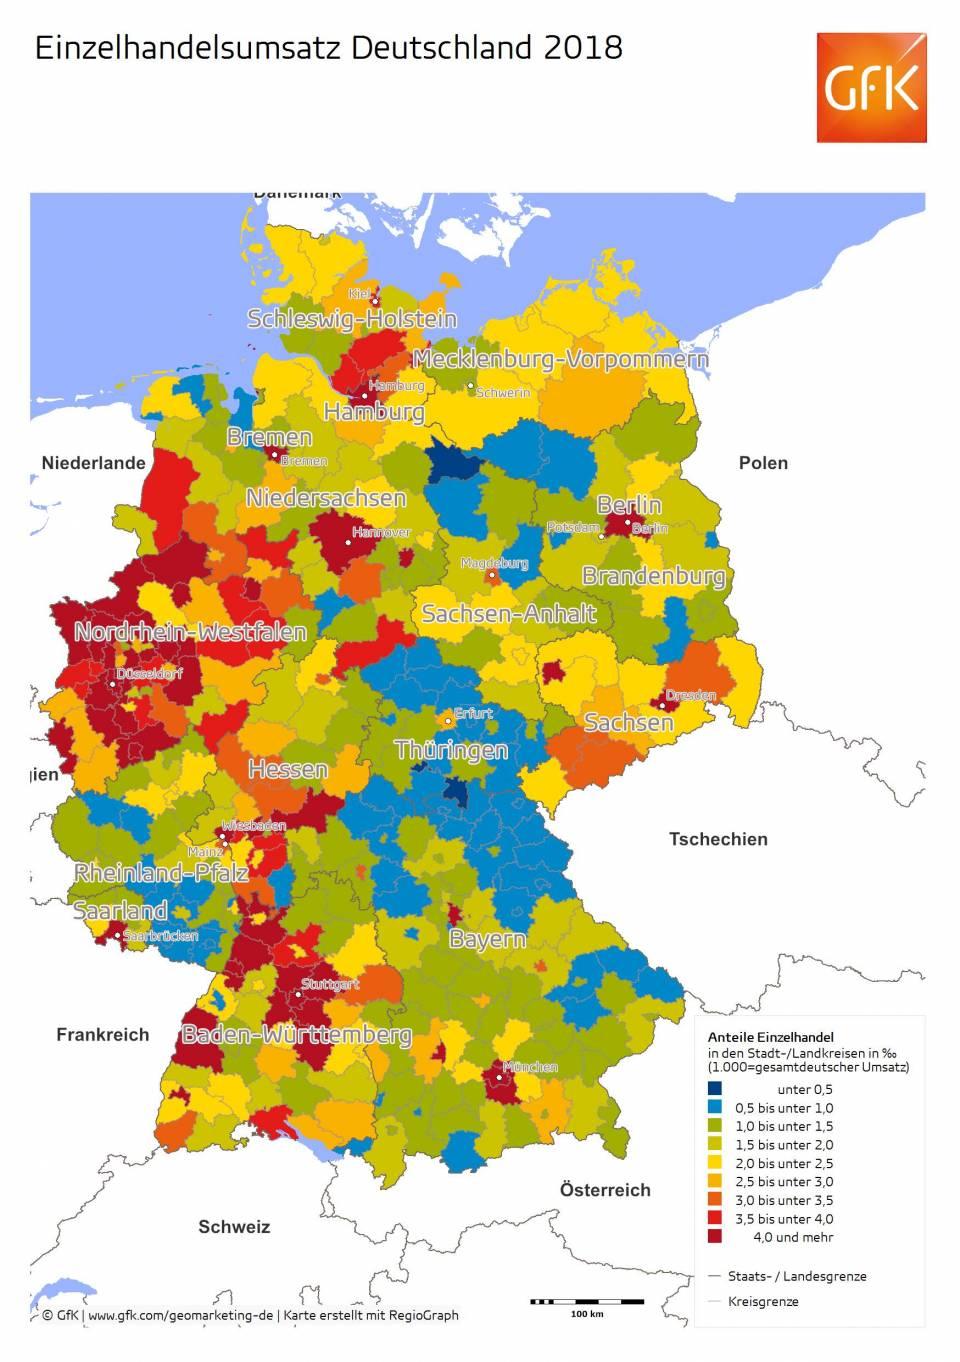 Einzelhandelsumsatz Deutschland 2018